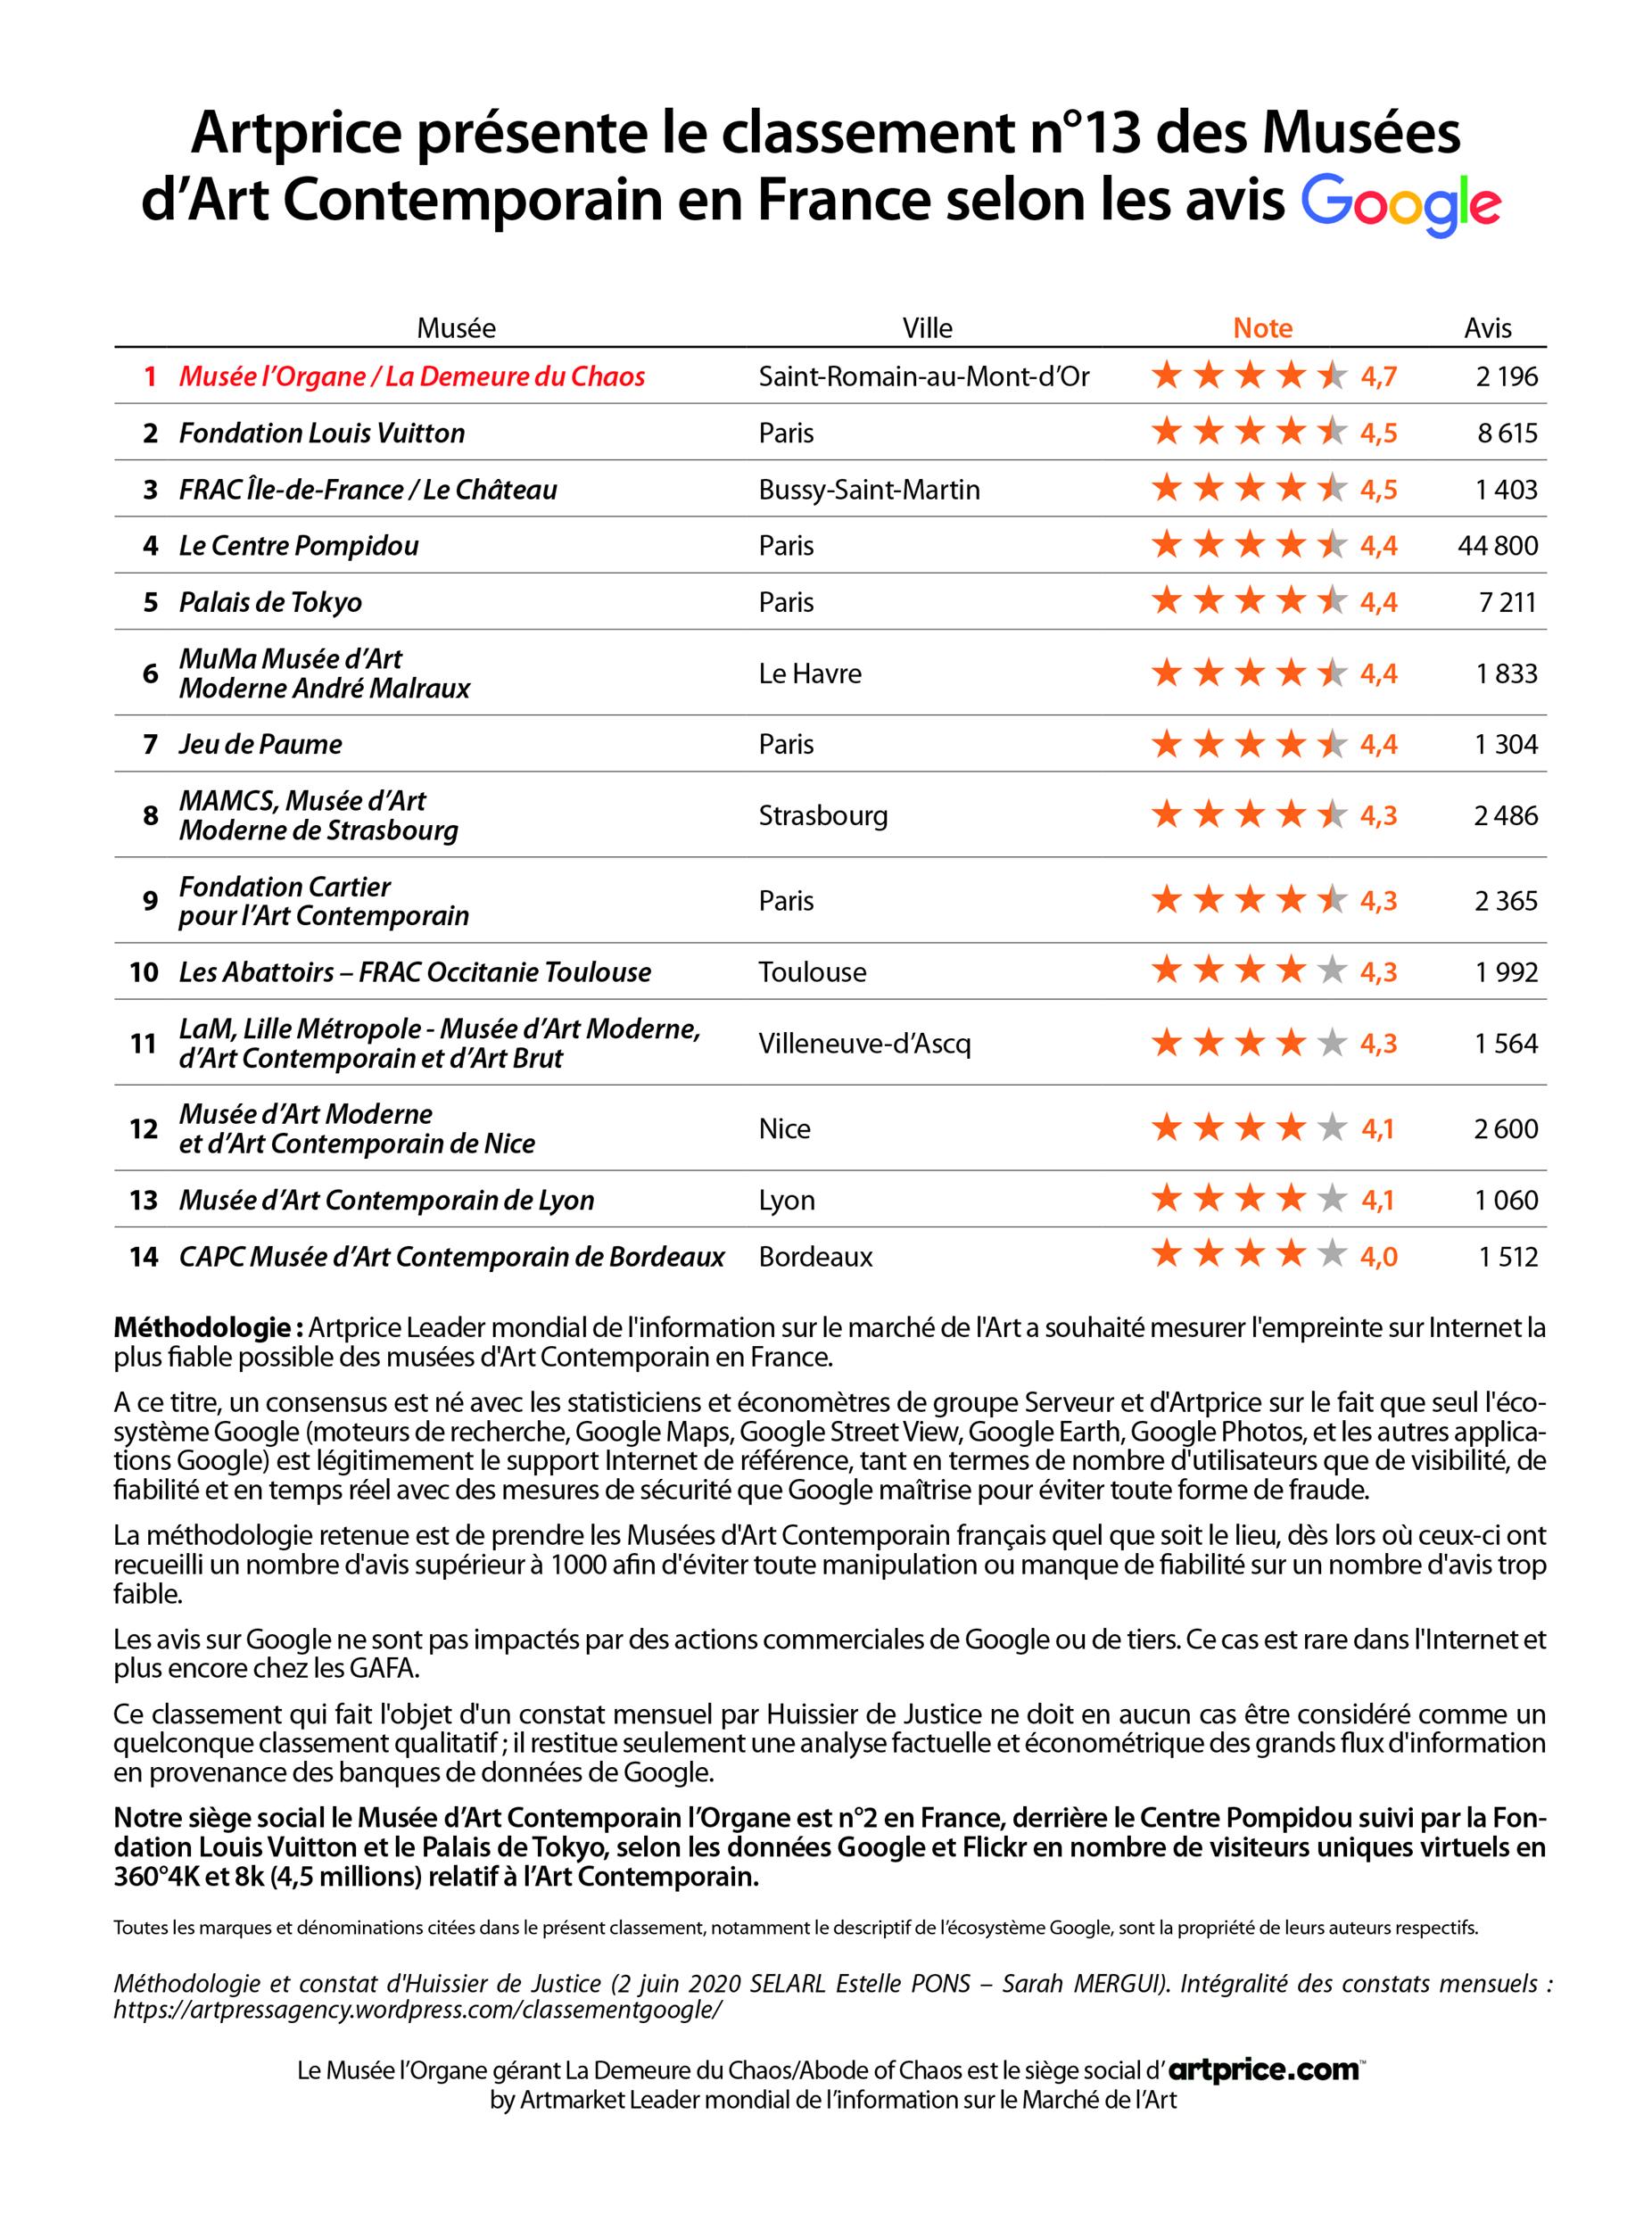 Artprice présente le classement n°13 des Musées d'Art Contemporain en France selon les avis Google